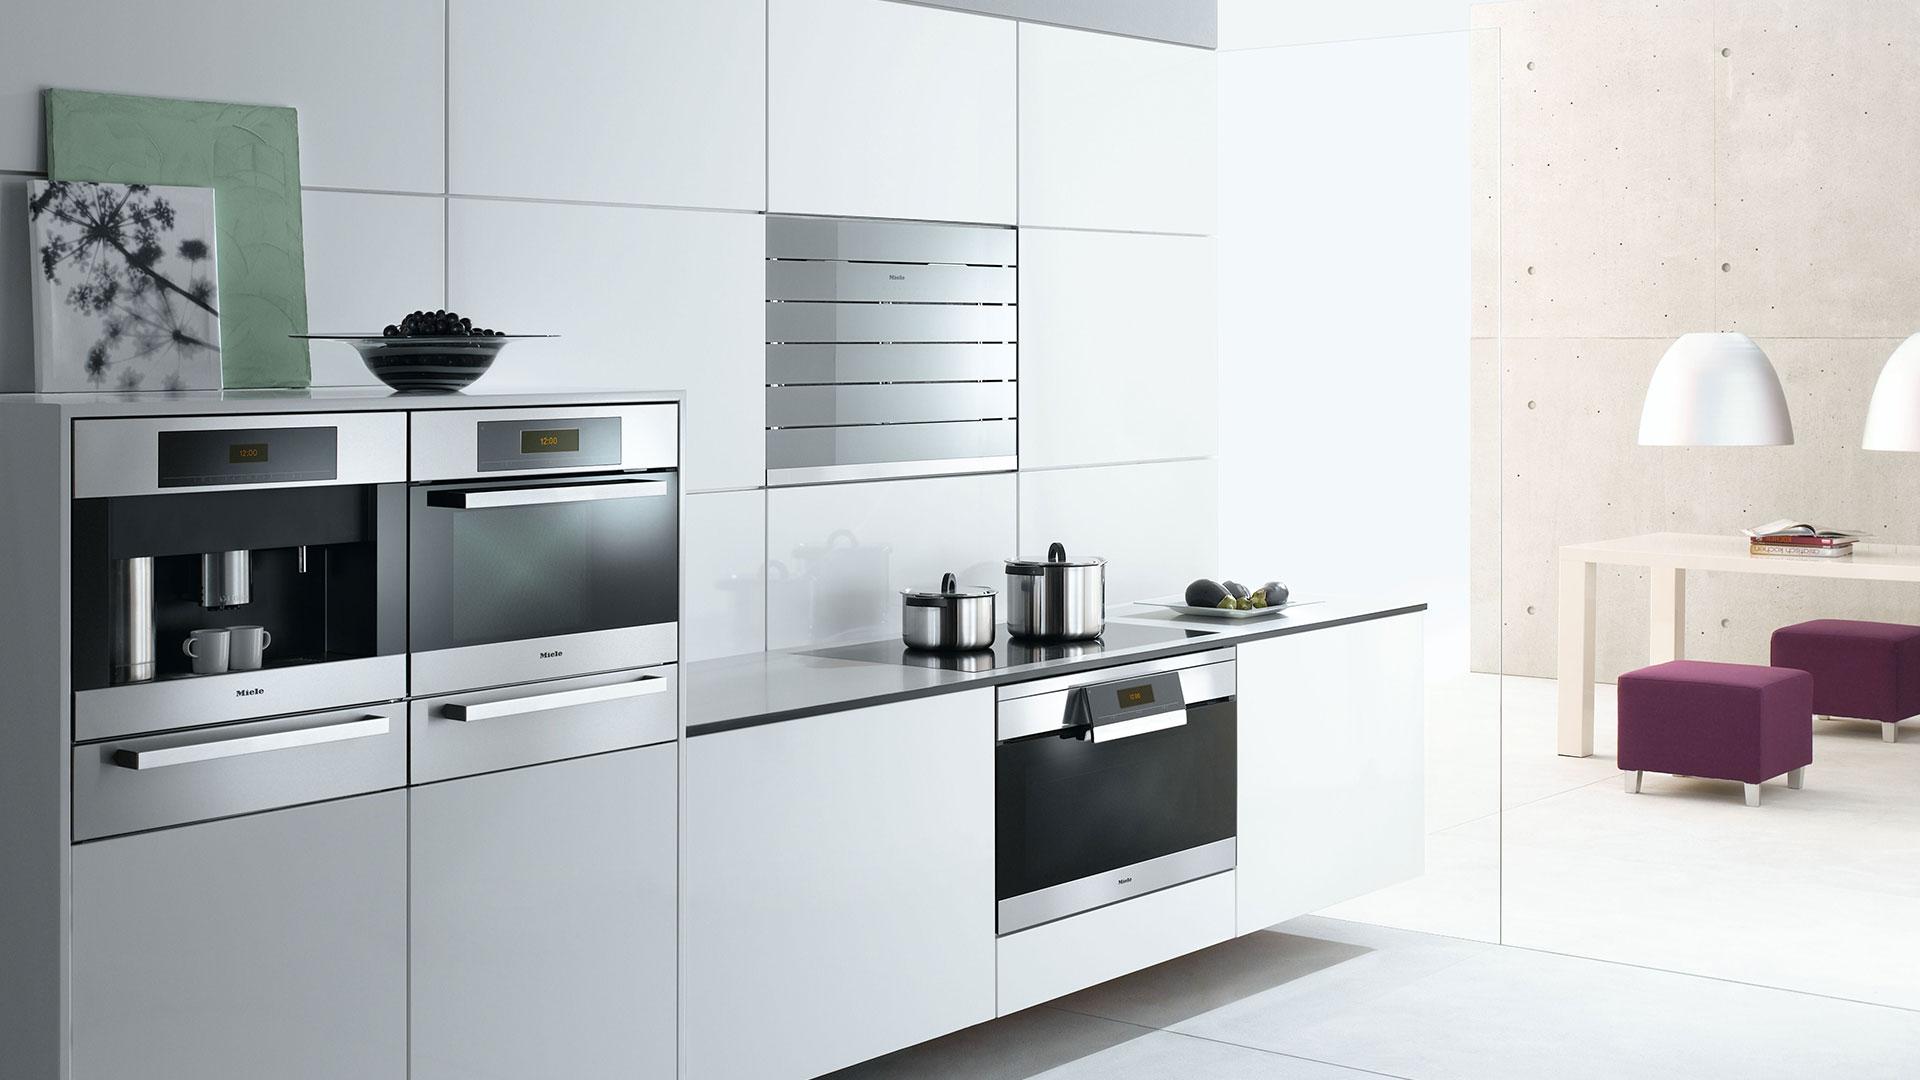 Siemens Kühlschrank Nass : Siemens kühlschrank innen nass wenn wasser im kühlschrank steht